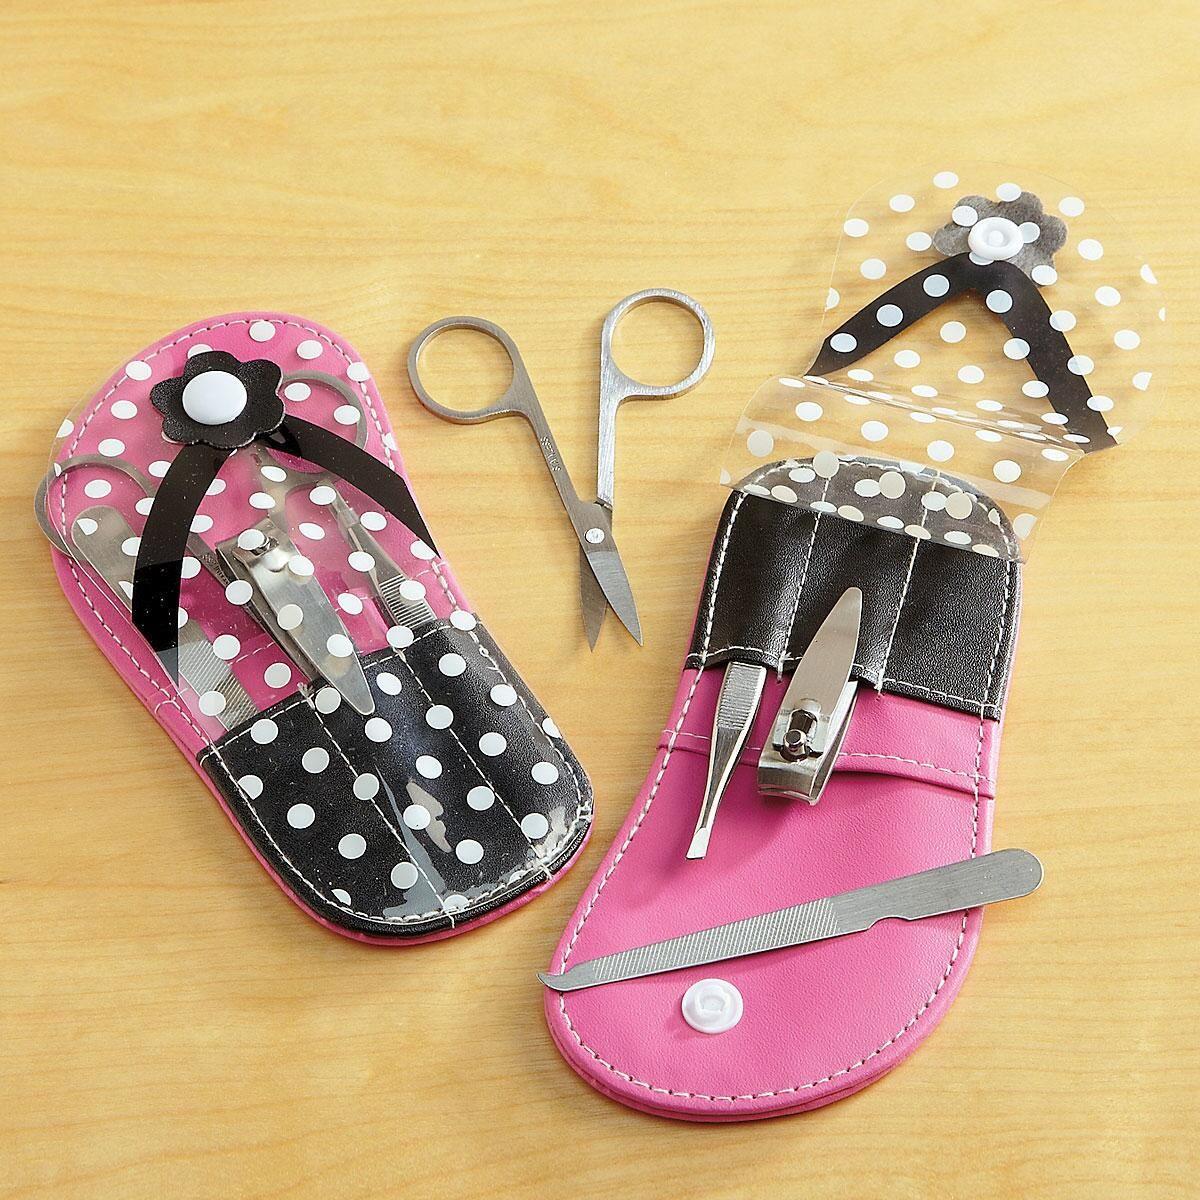 Pink & Black Flip Flop Manicure Set